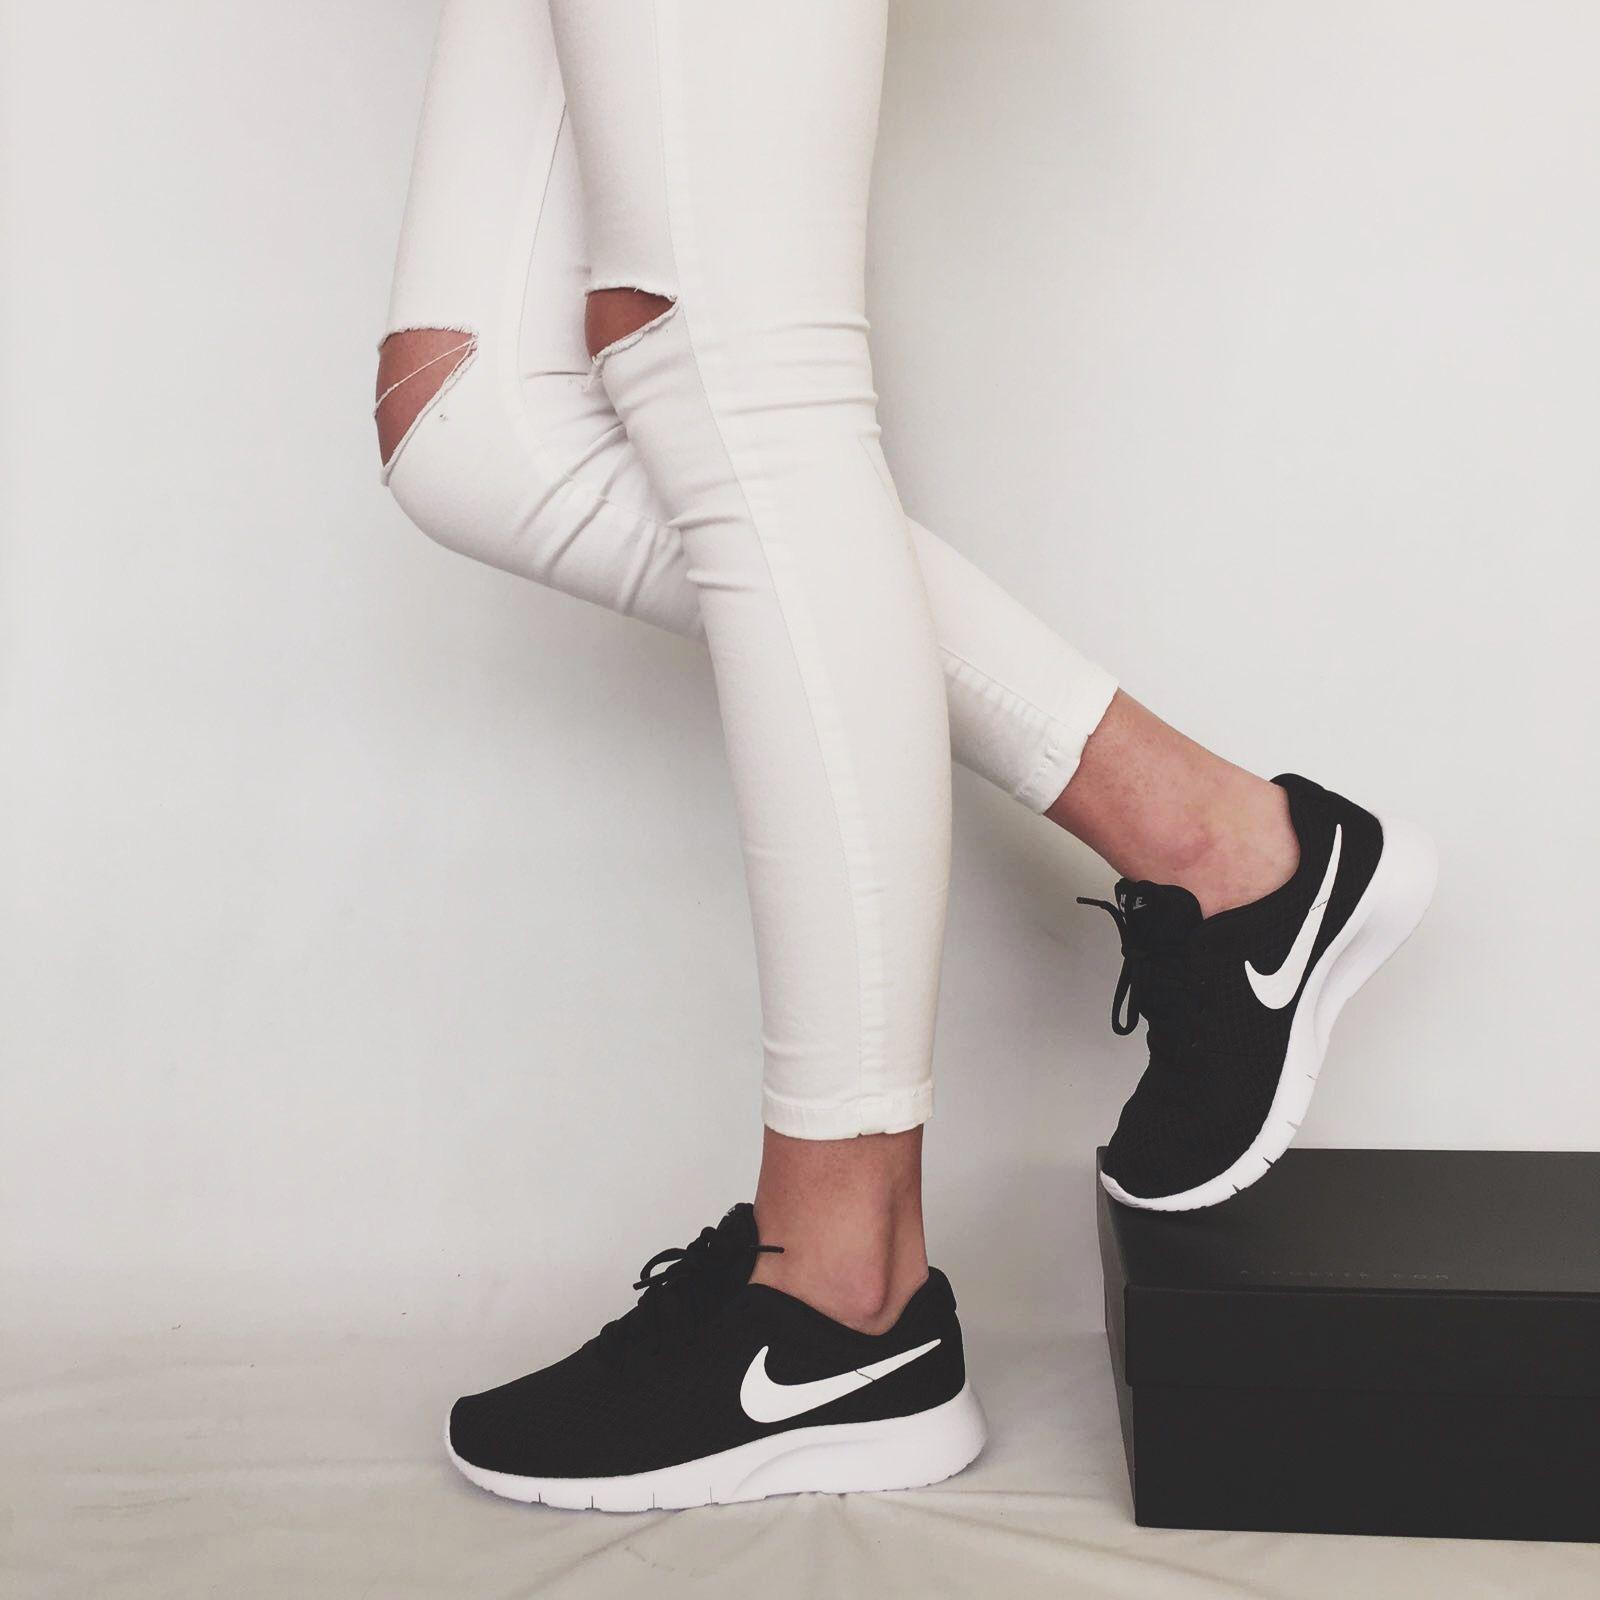 pared cielo pulgada  LoVe #Nike... Love tanjun. Cómodas y transpirables. | Zapatillas nike, Zapatillas  nike mujer negras, Zapatillas deportivas mujer nike